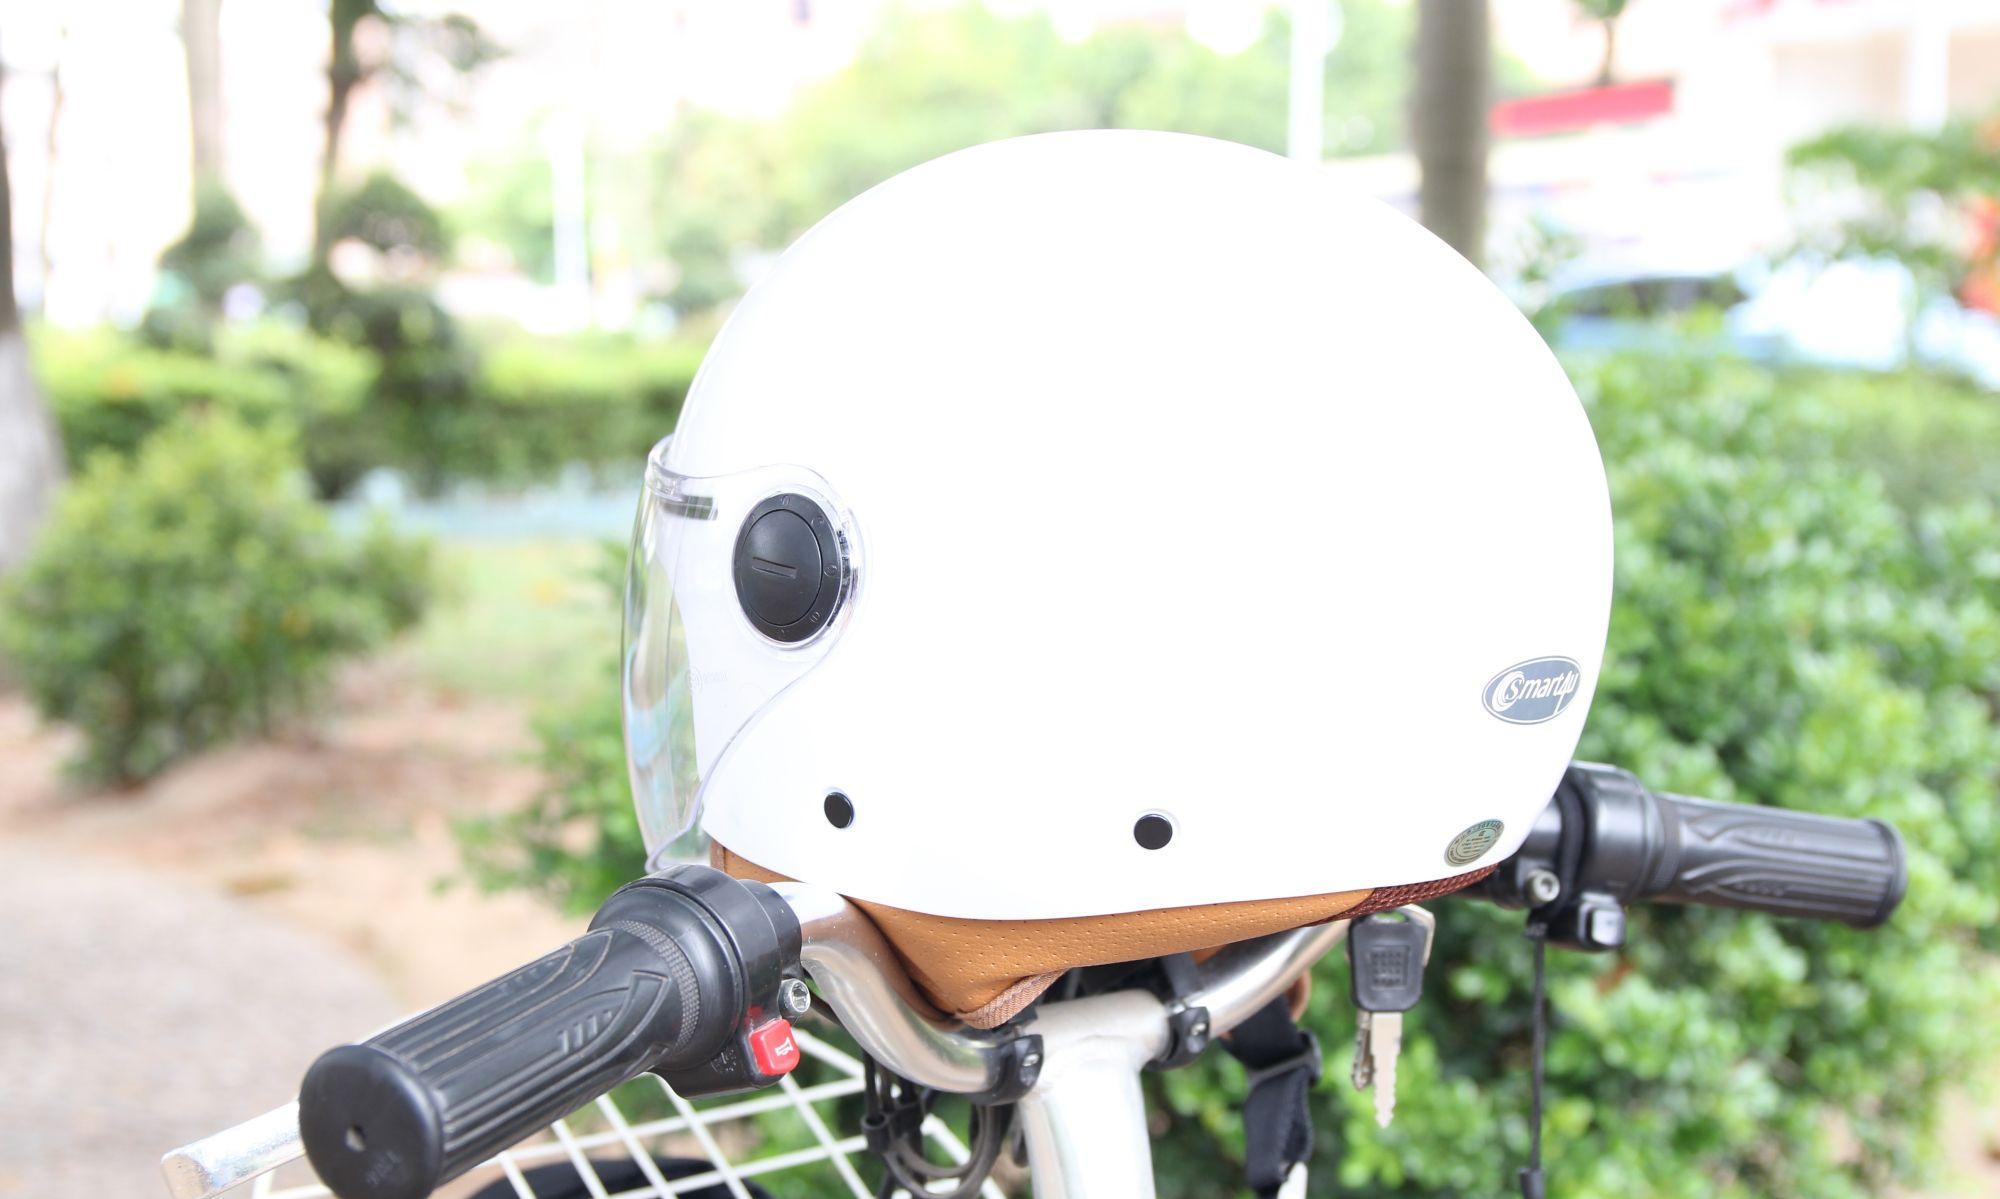 有安全感的头盔每次佩戴都有仪式感,而且很拉风